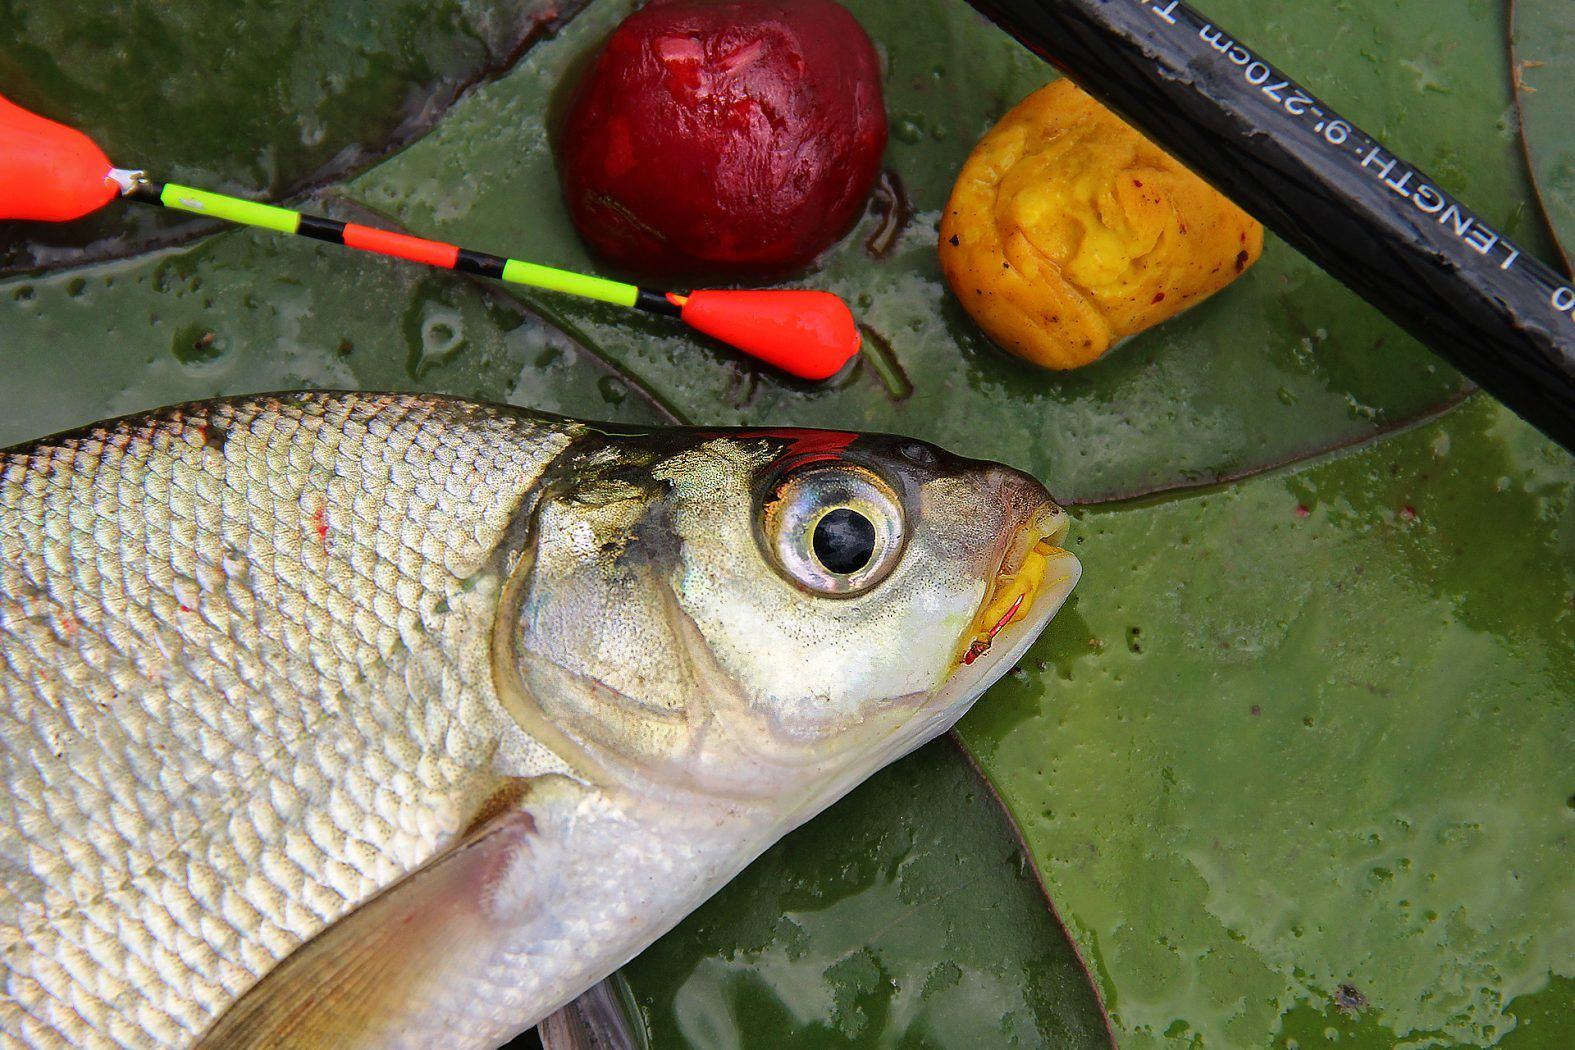 Klassiker zum Kneten | Gefüllter fisch, Karpfen angeln und